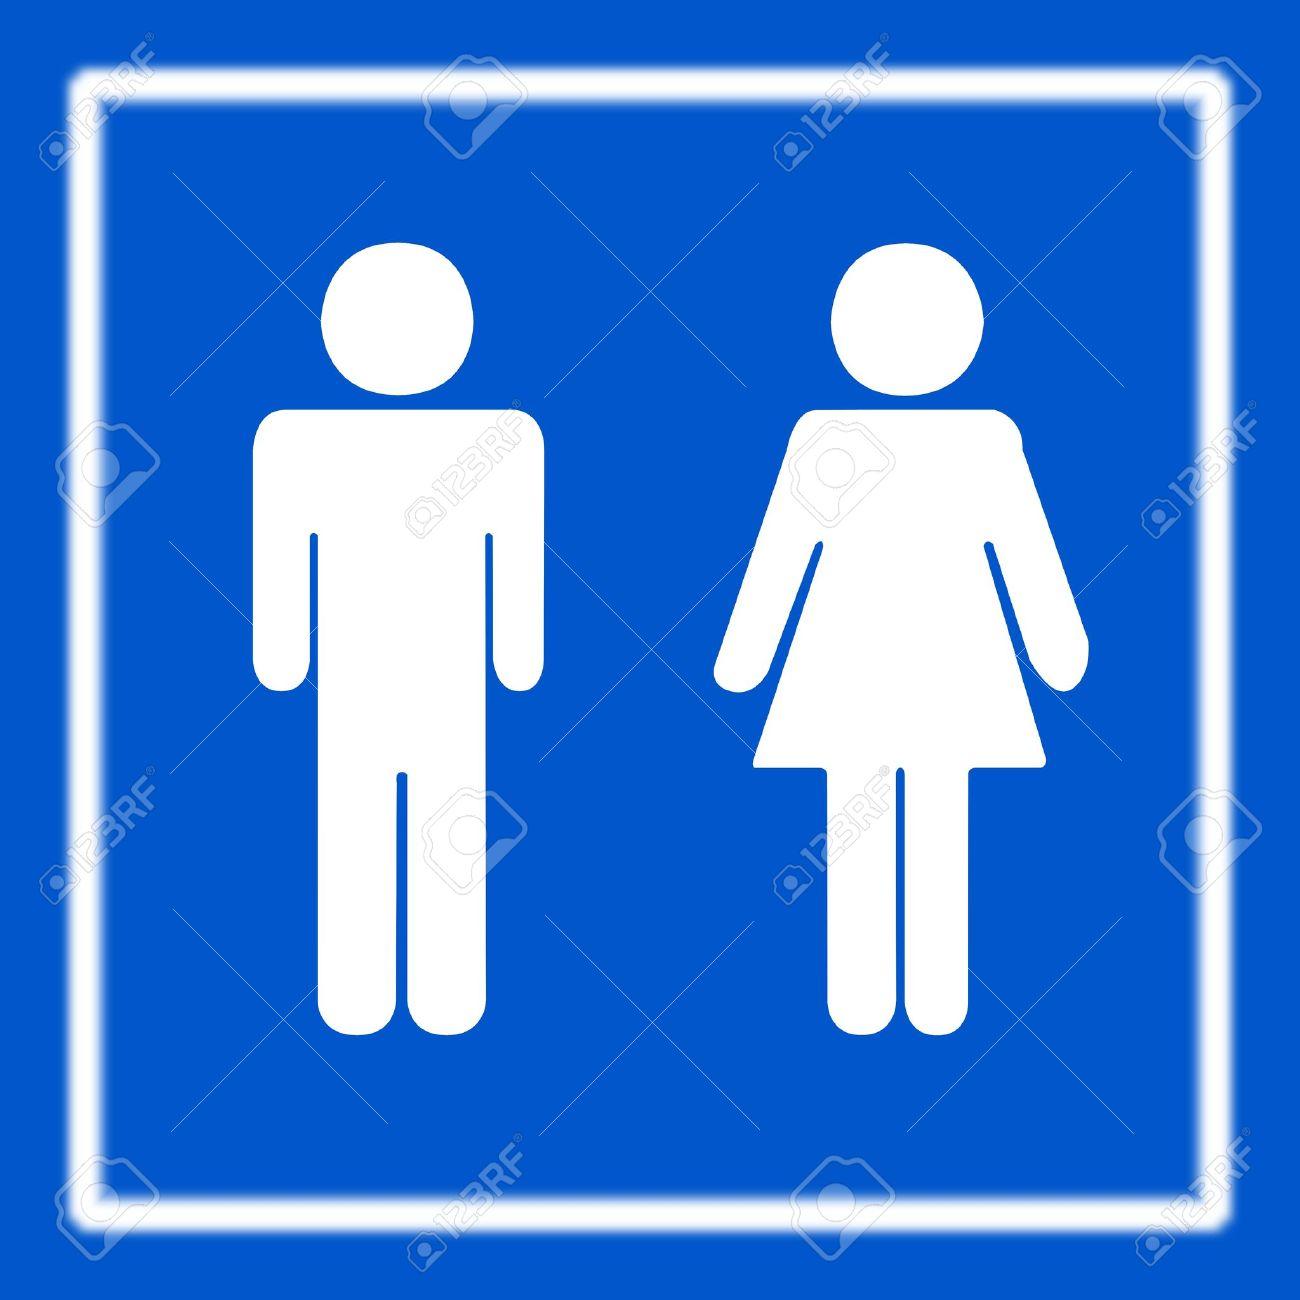 Toilette wc oder wc zeichen auf blau lizenzfreie bilder 9451535